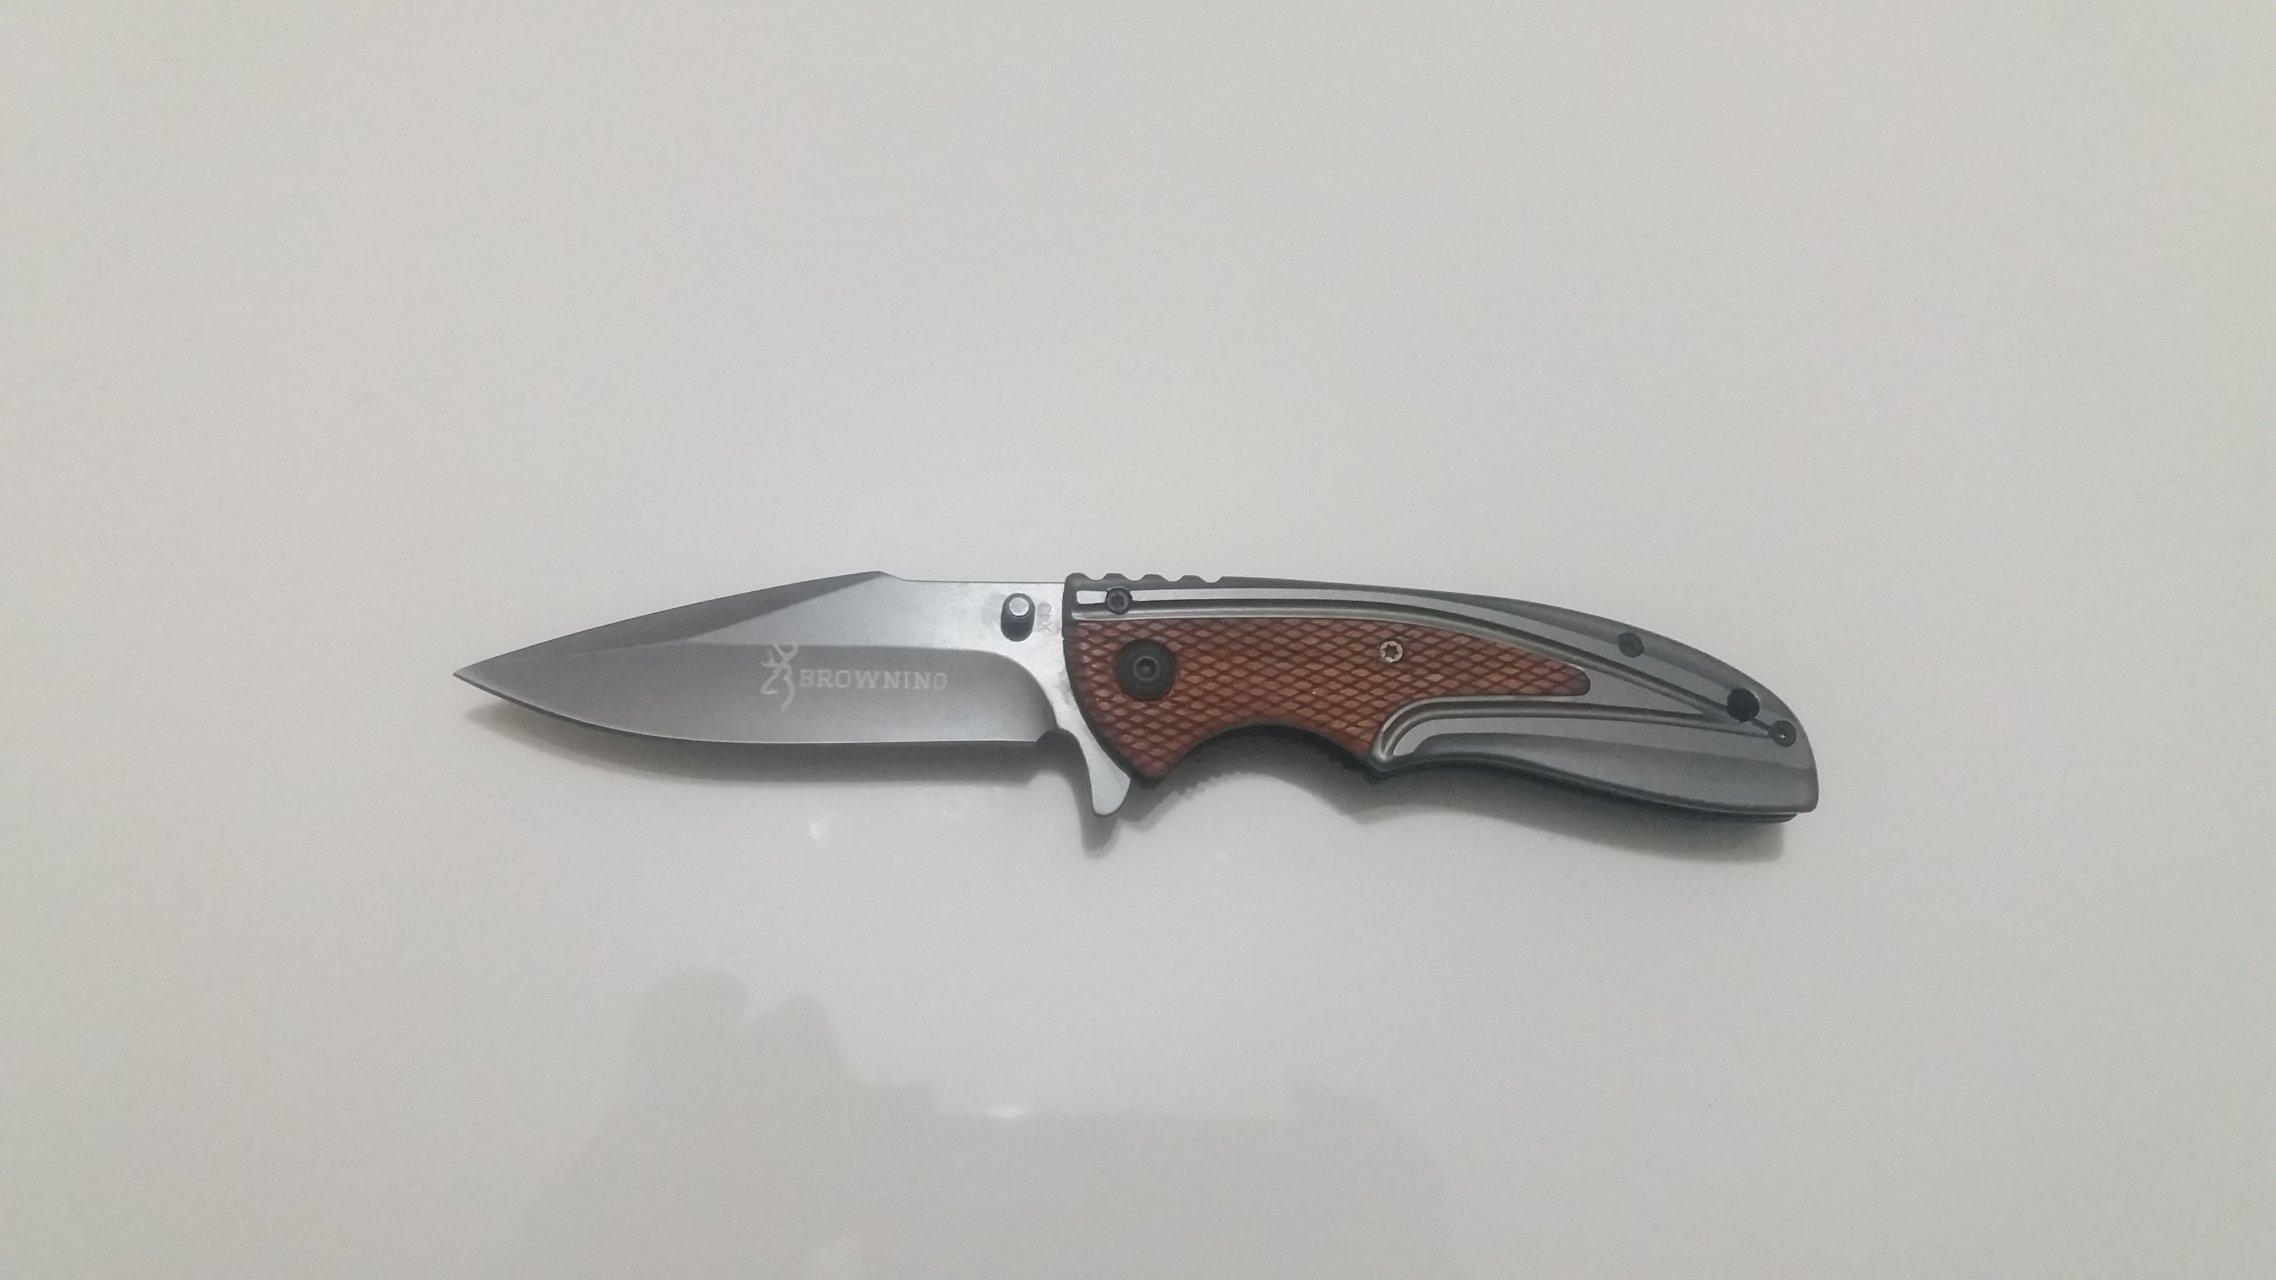 چاقوی سفری مدل برونینگ browning